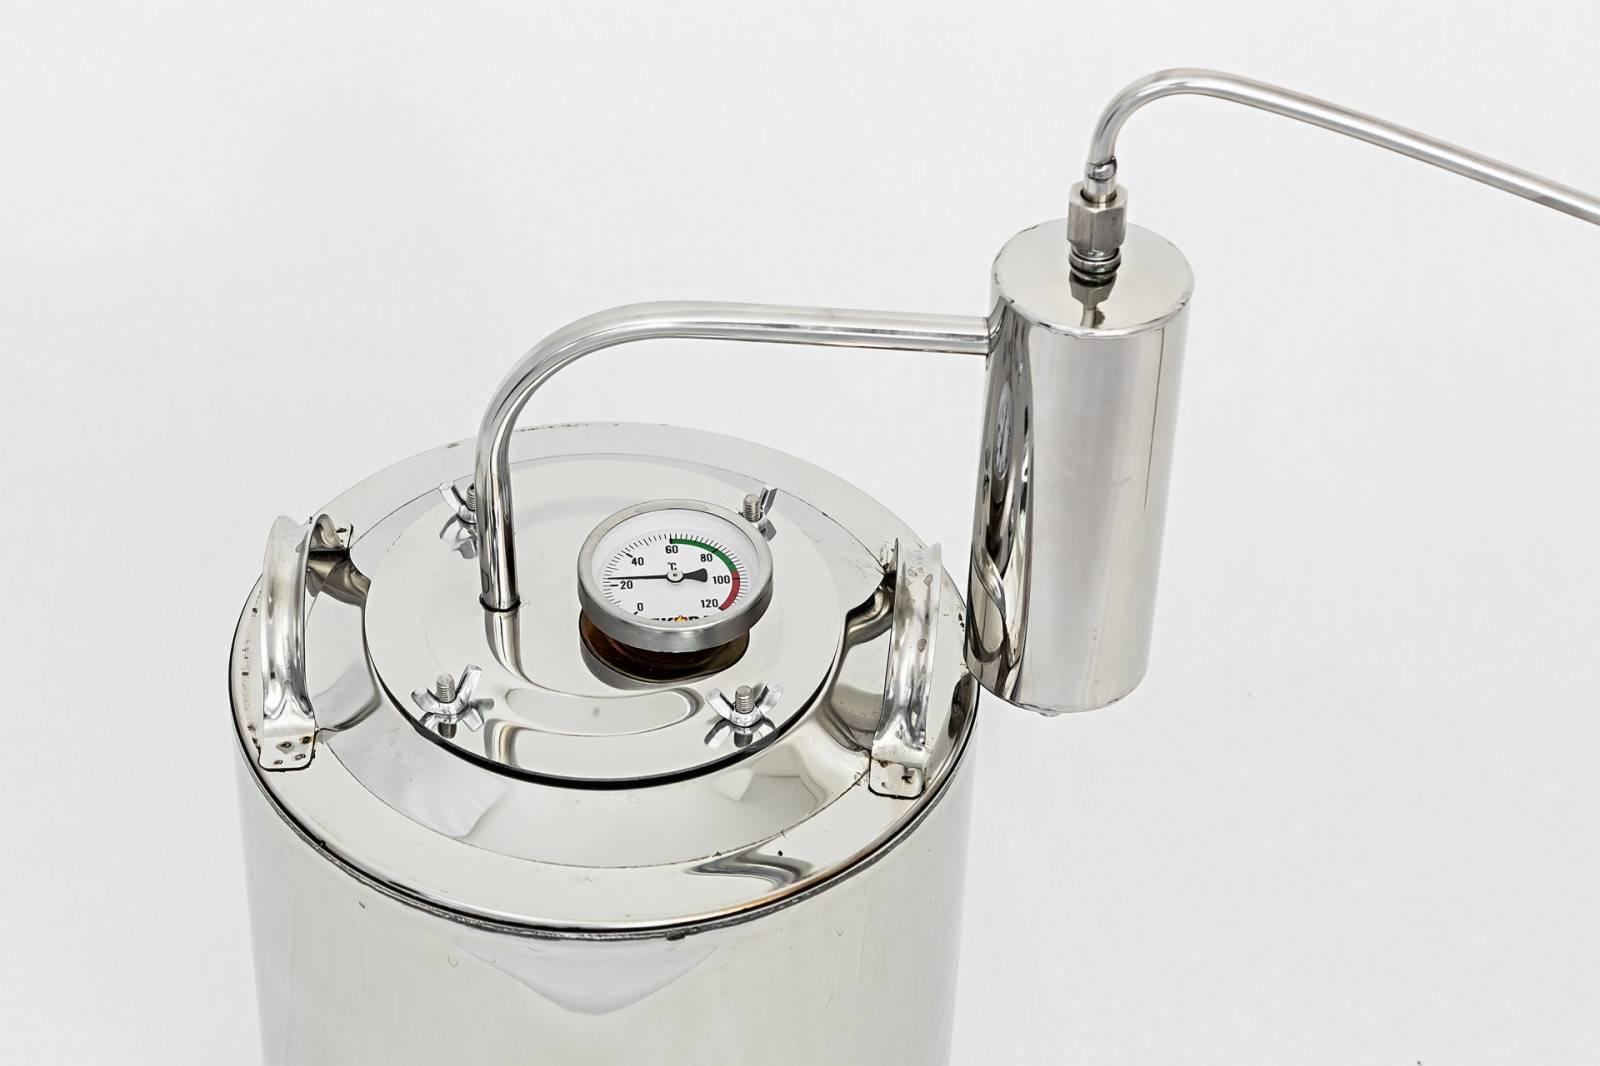 Использование проточного и непроточного самогонного аппарата. как гнать своими руками без проточной воды на видео?